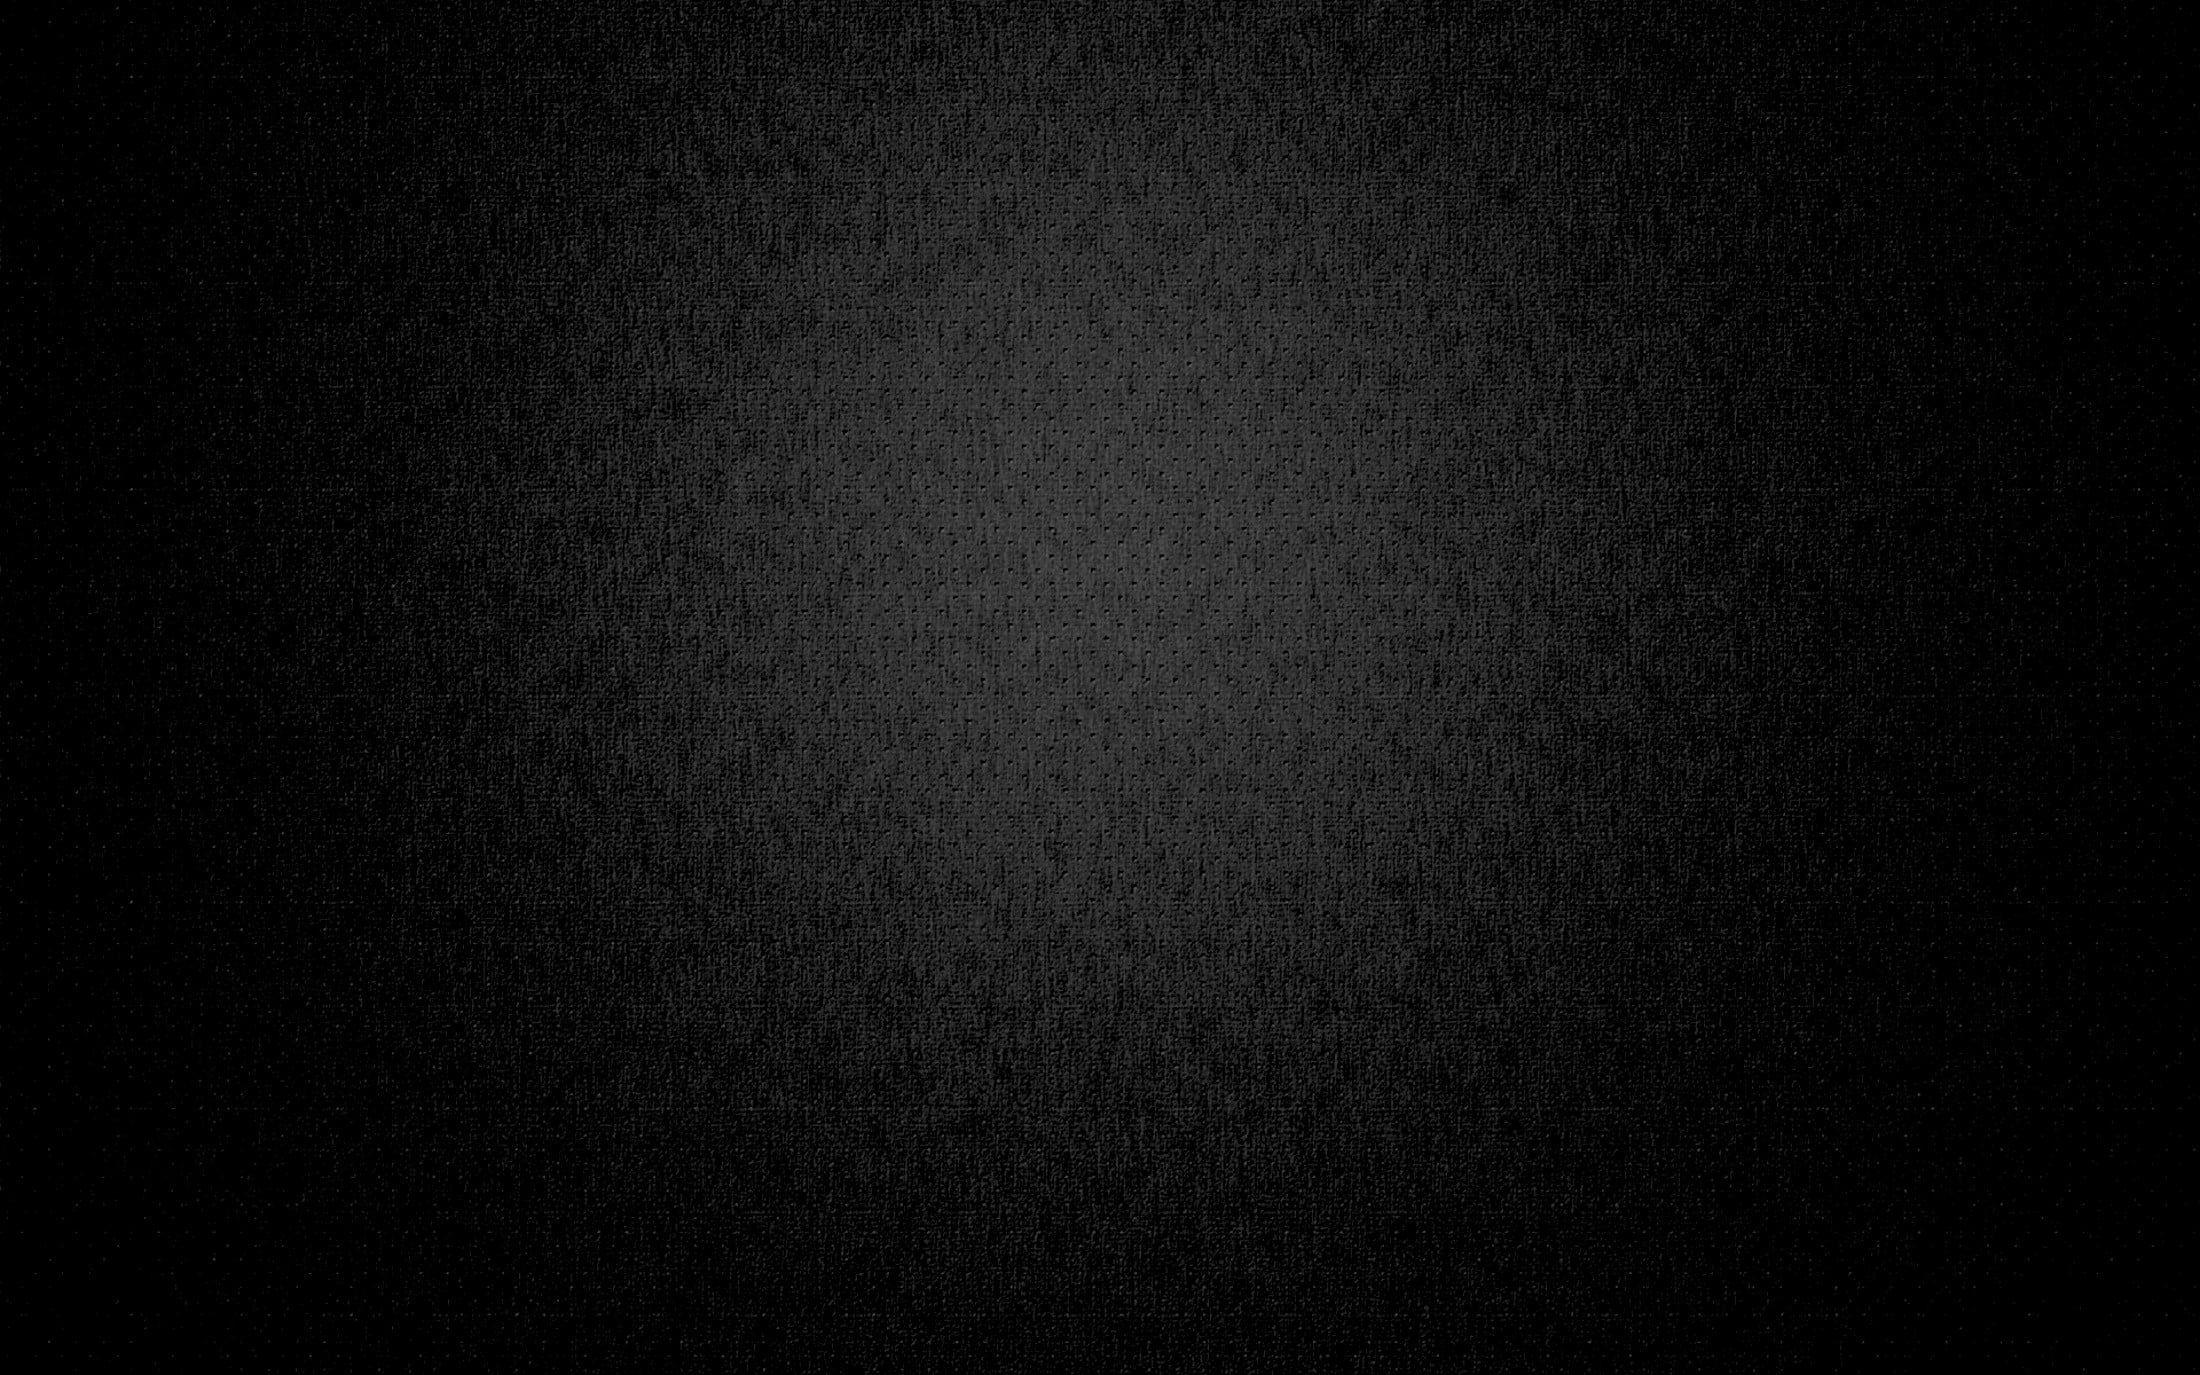 Gradient Dark Background 1080p Wallpaper Hdwallpaper Desktop Dark Backgrounds Wallpaper Hd Wallpaper